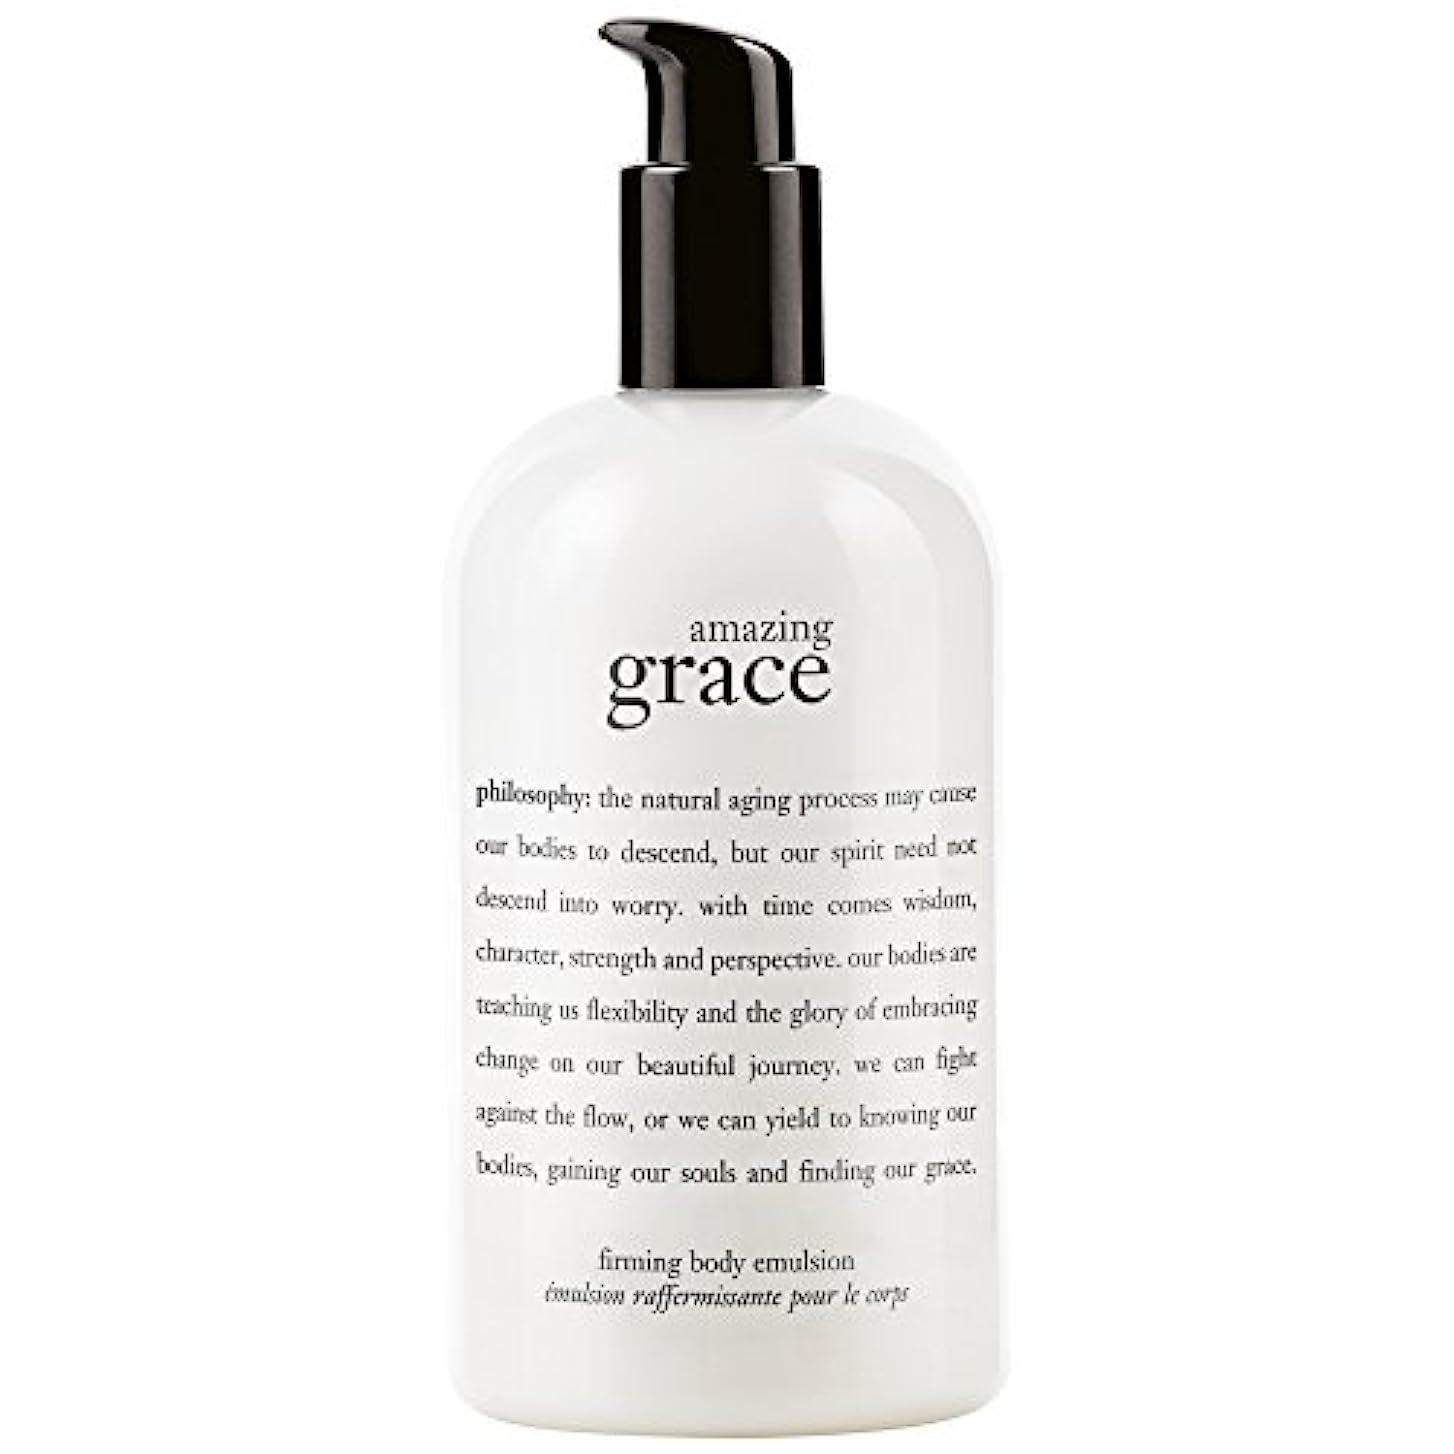 洗剤実験をするバッグ哲学驚くべき恵み引き締めボディエマルジョン480ミリリットル (Philosophy) - Philosophy Amazing Grace Firming Body Emulsion 480ml [並行輸入品]